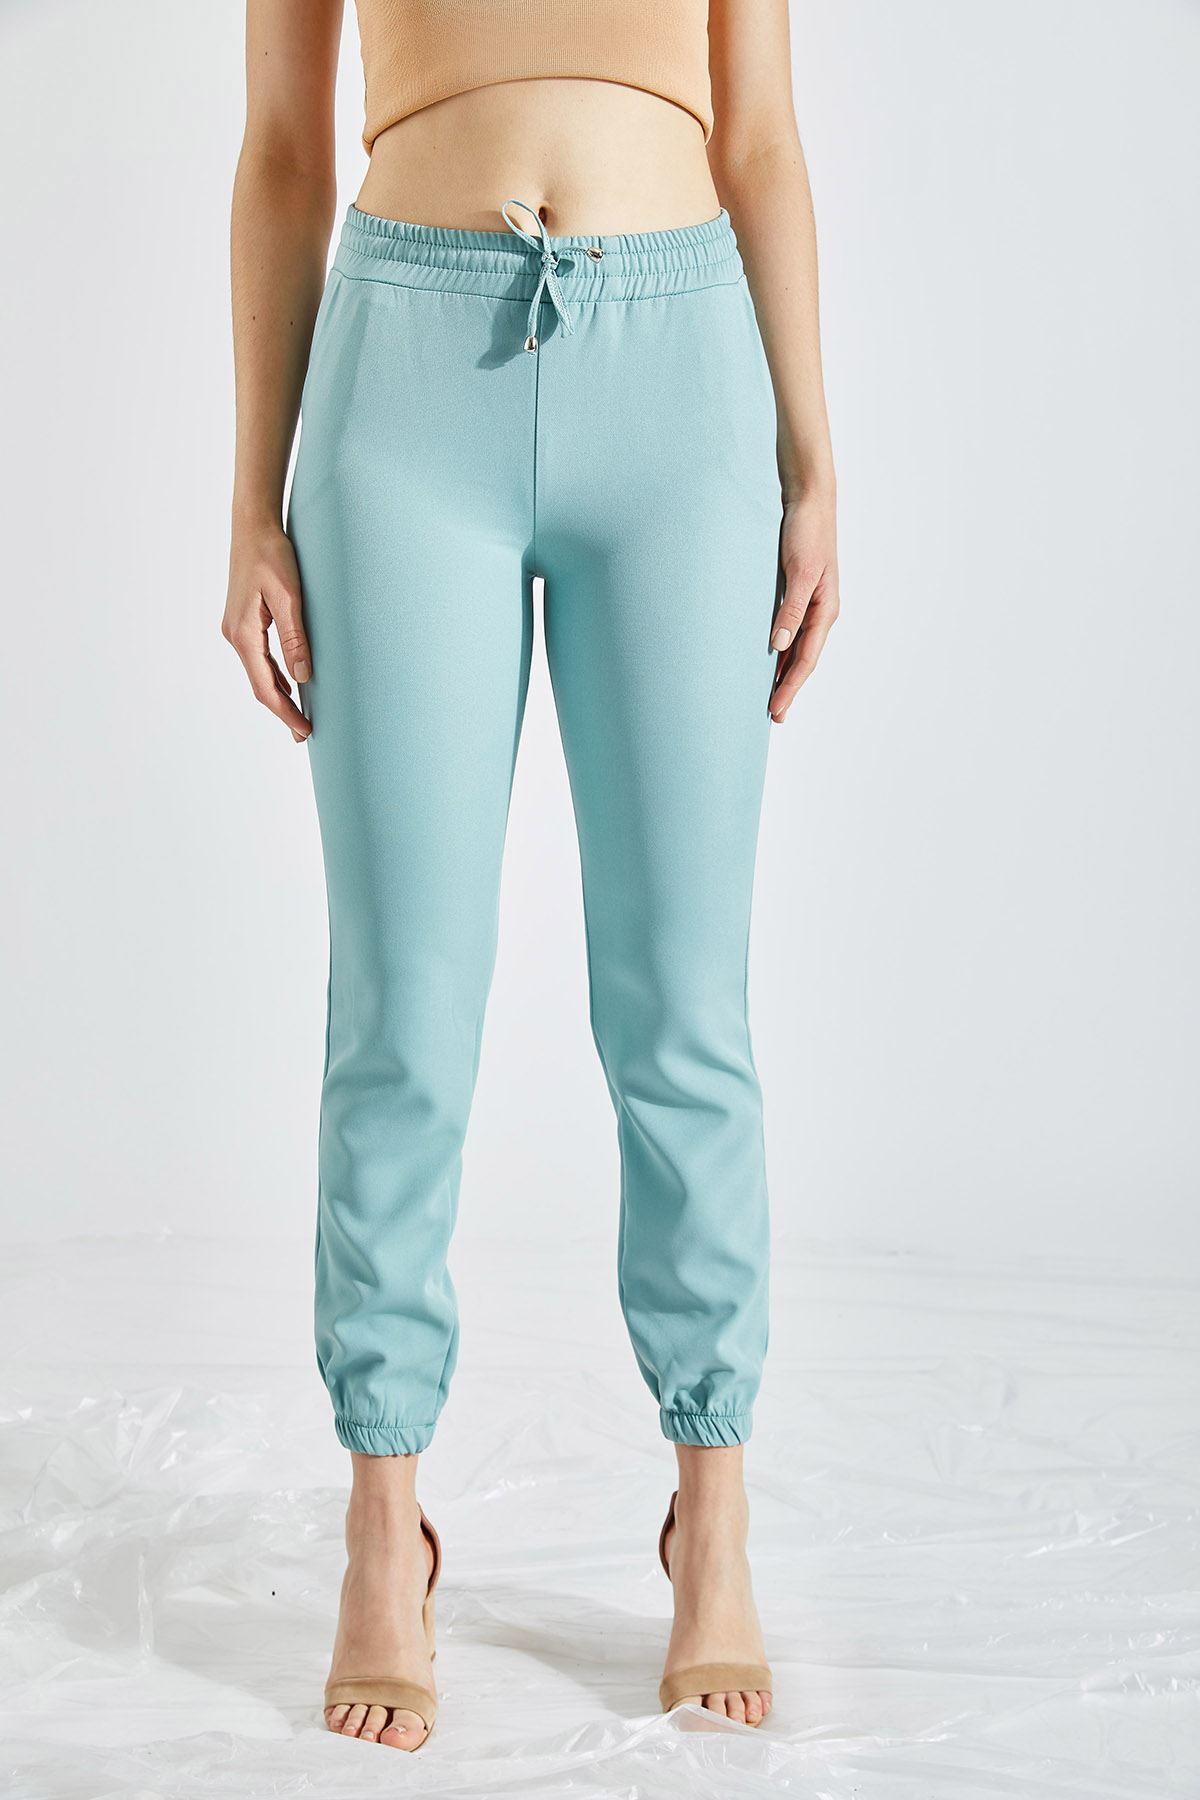 Kadın Bel Ve Paça Lastikli Mint Kumaş Pantolon